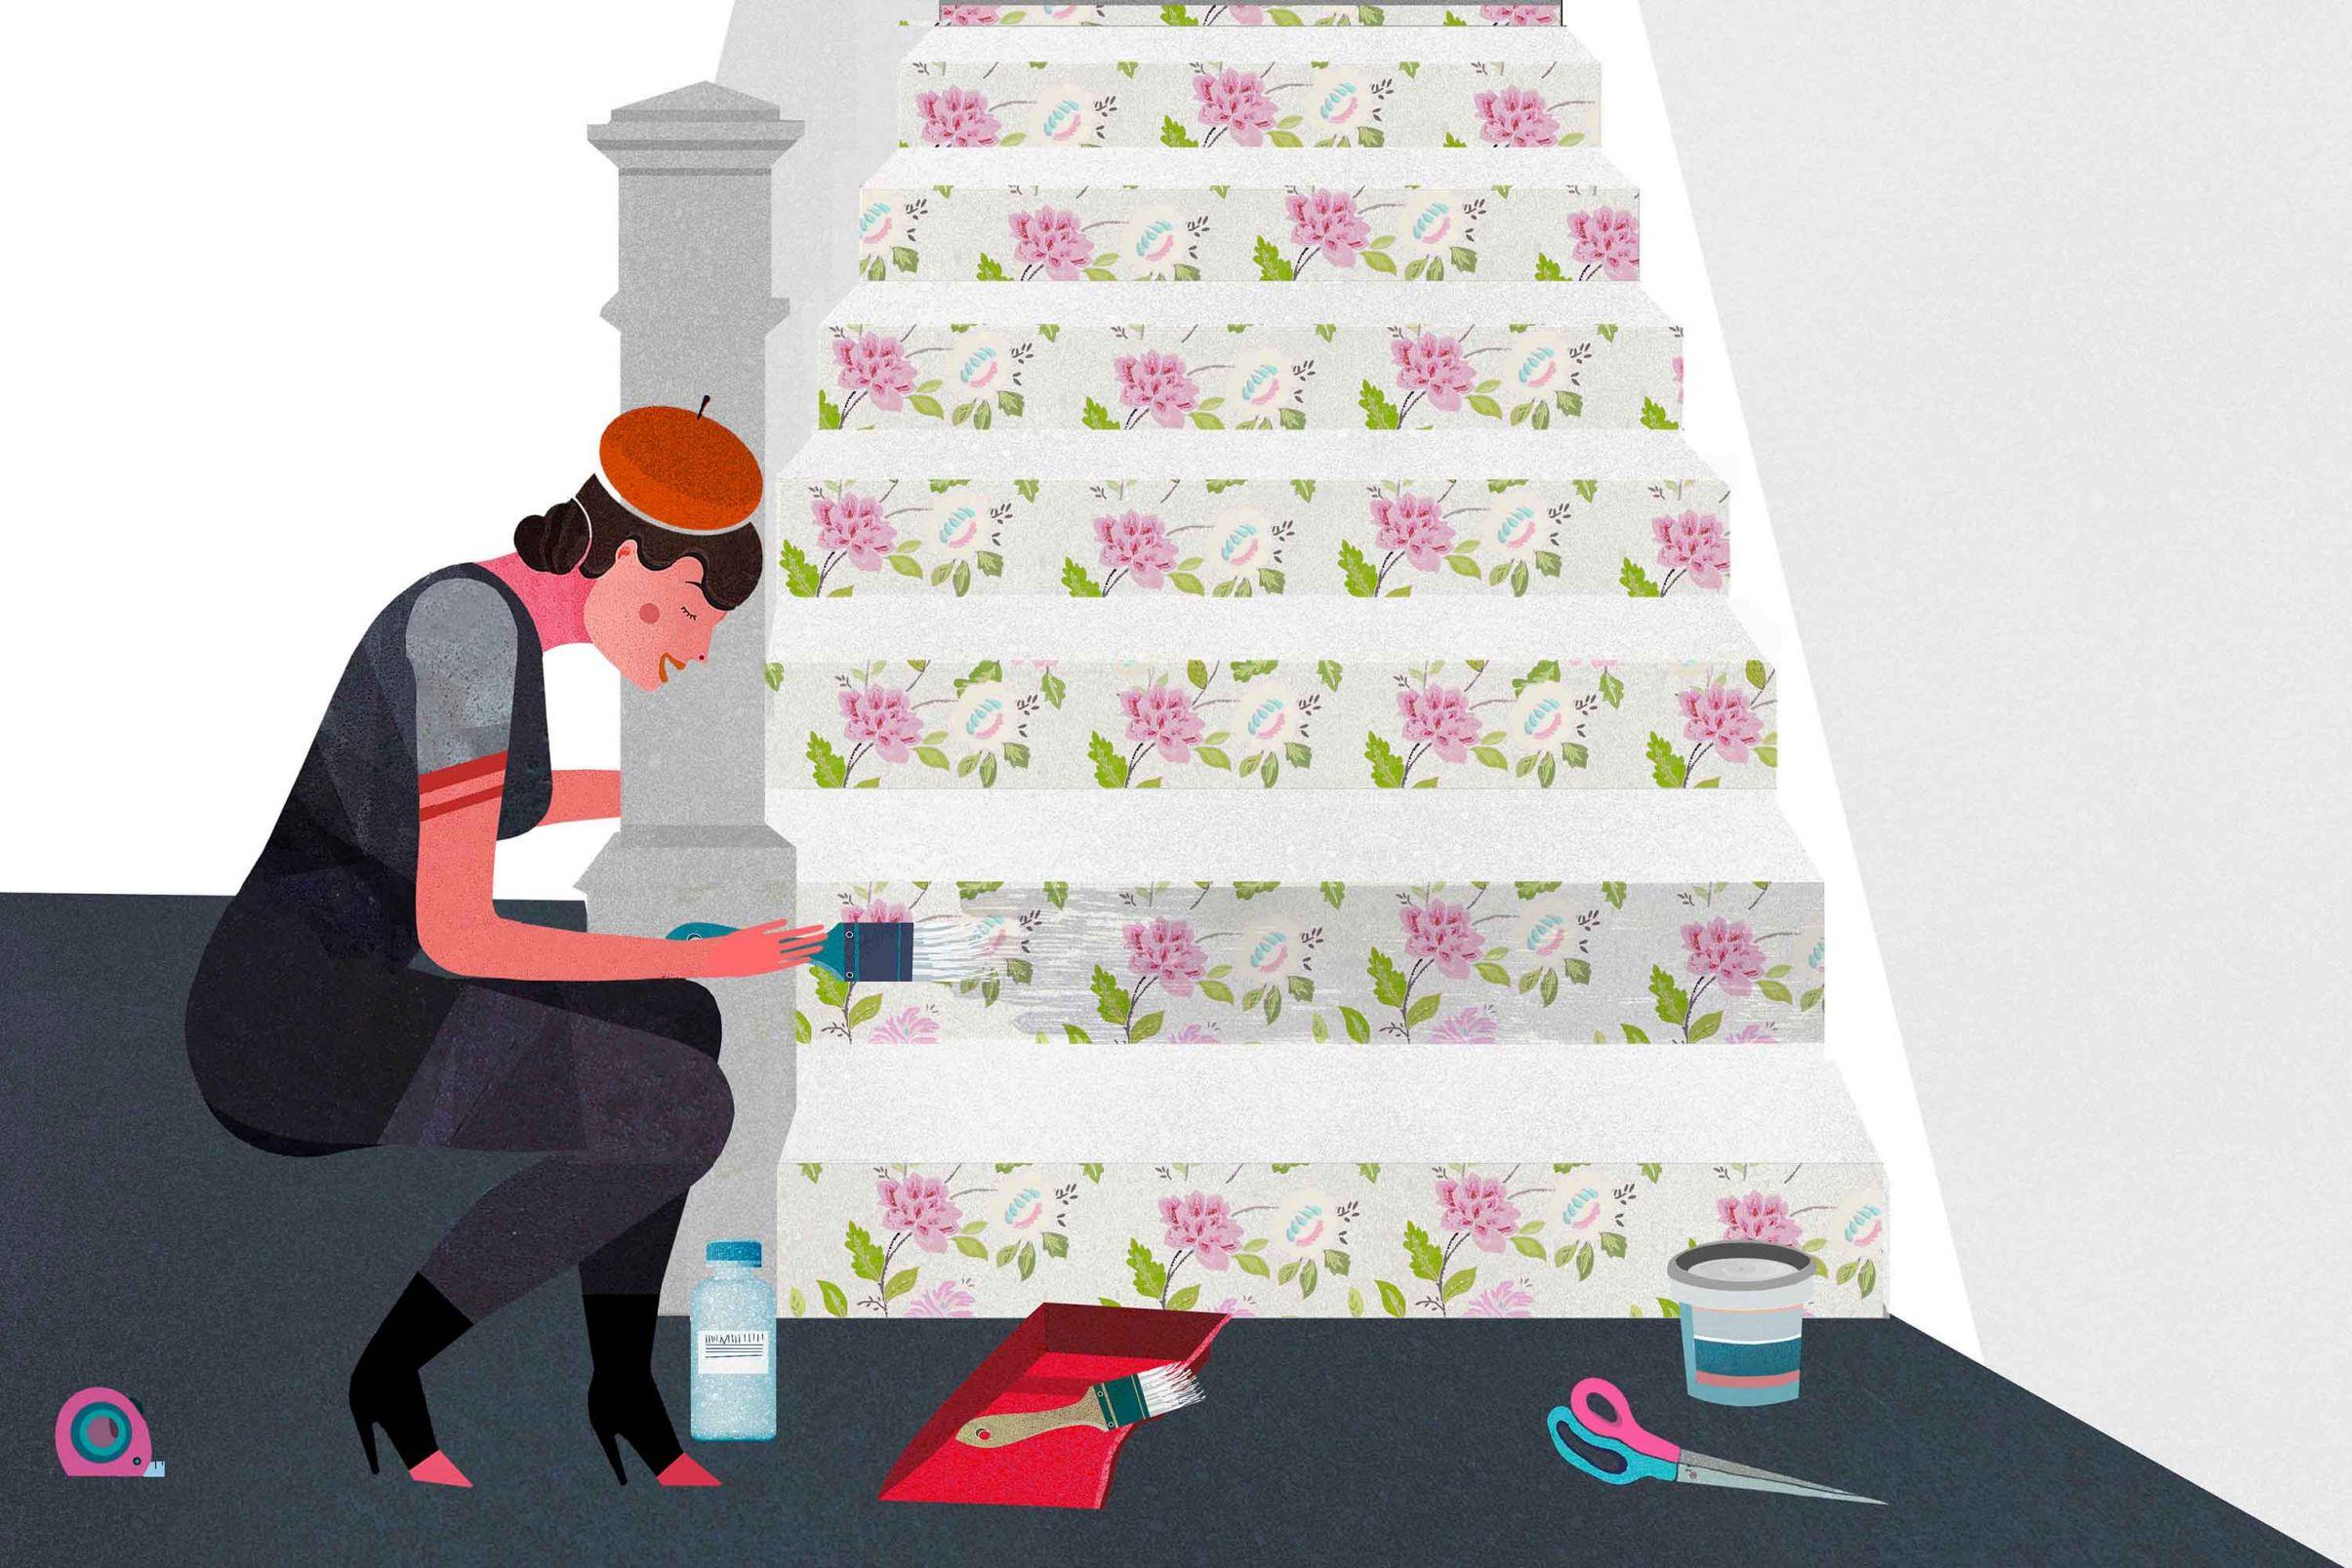 Como-embelezar-escadas-com-papel-de-parede-Aplicar-uma-camada-de-tinta-latex-transparente-para-proteger-o-papel-de-parede